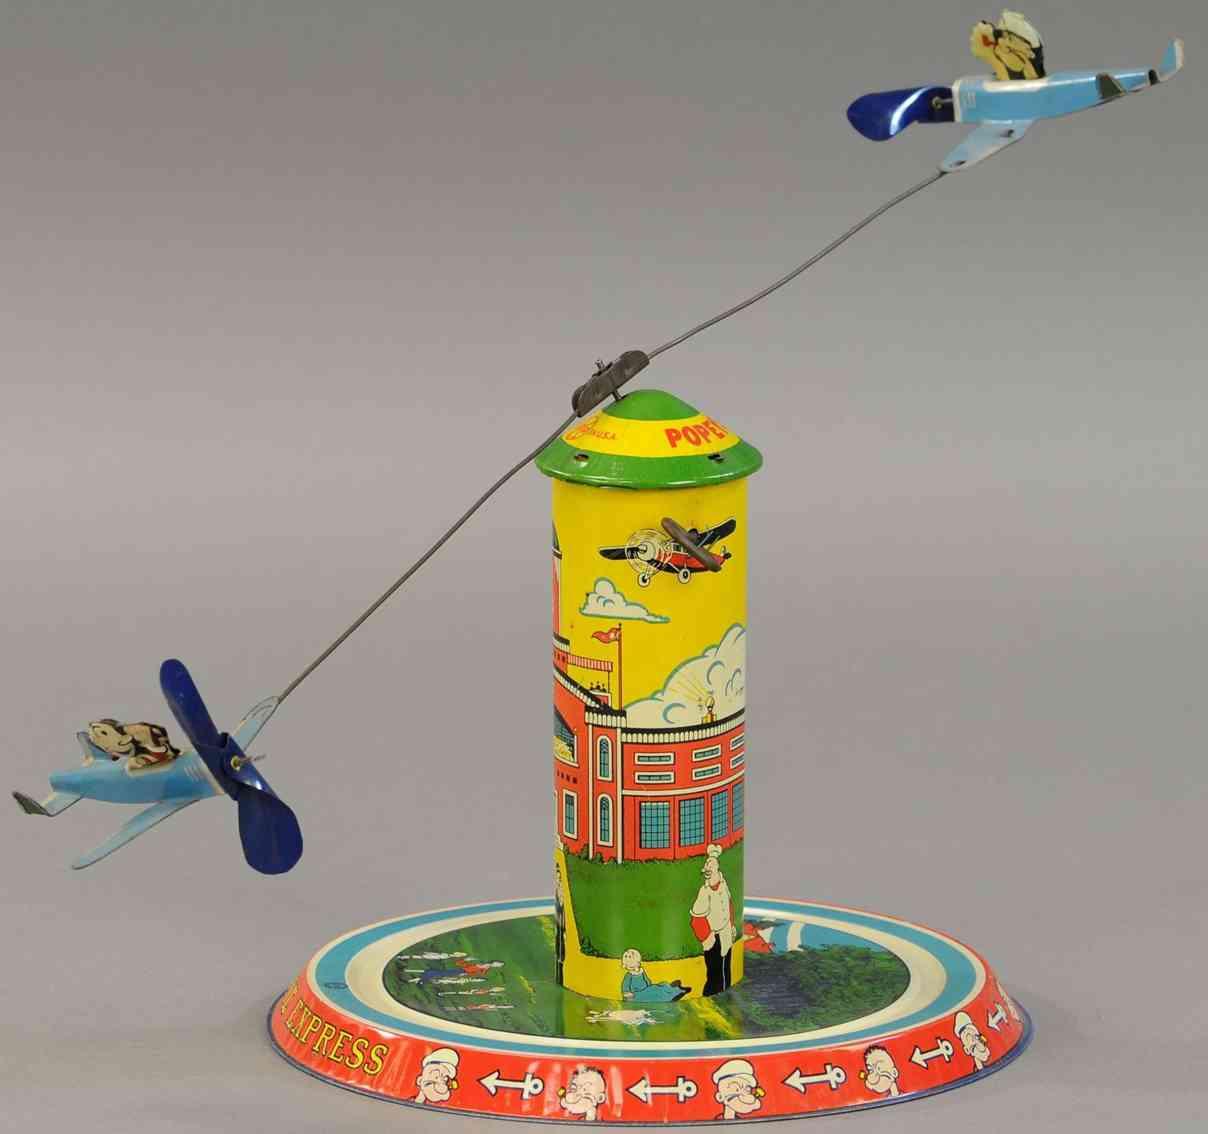 marx louis blech spielzeug popeye flieger zwei flugzeuge uhrwerk